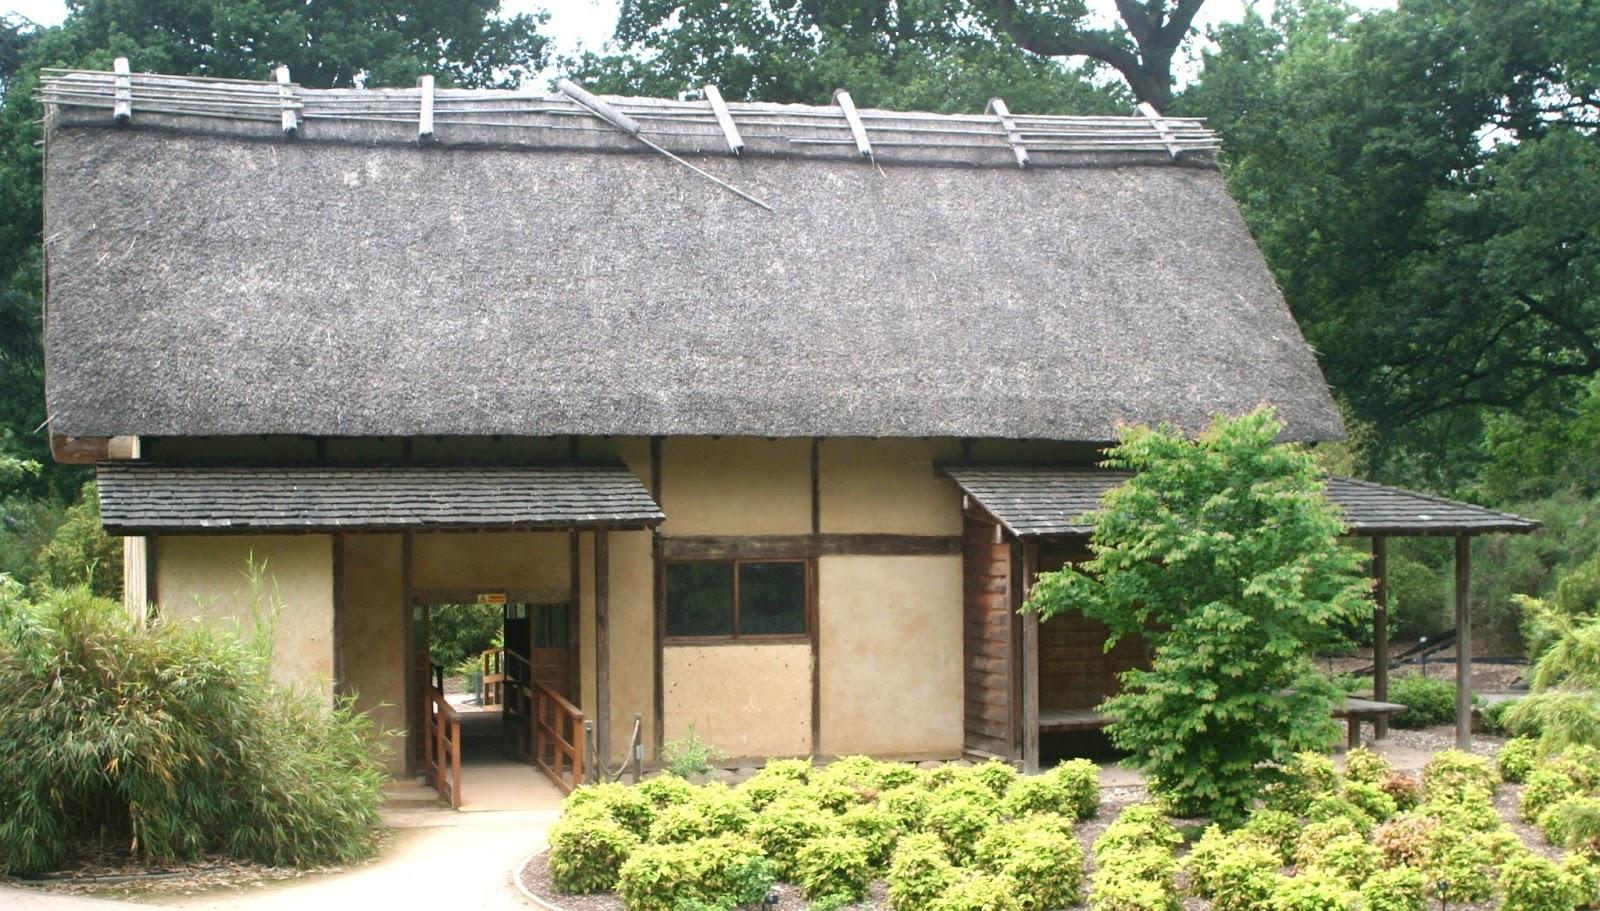 L 39 angolo giapponese casa tradizionale giapponese for La casa toscana tradizionale